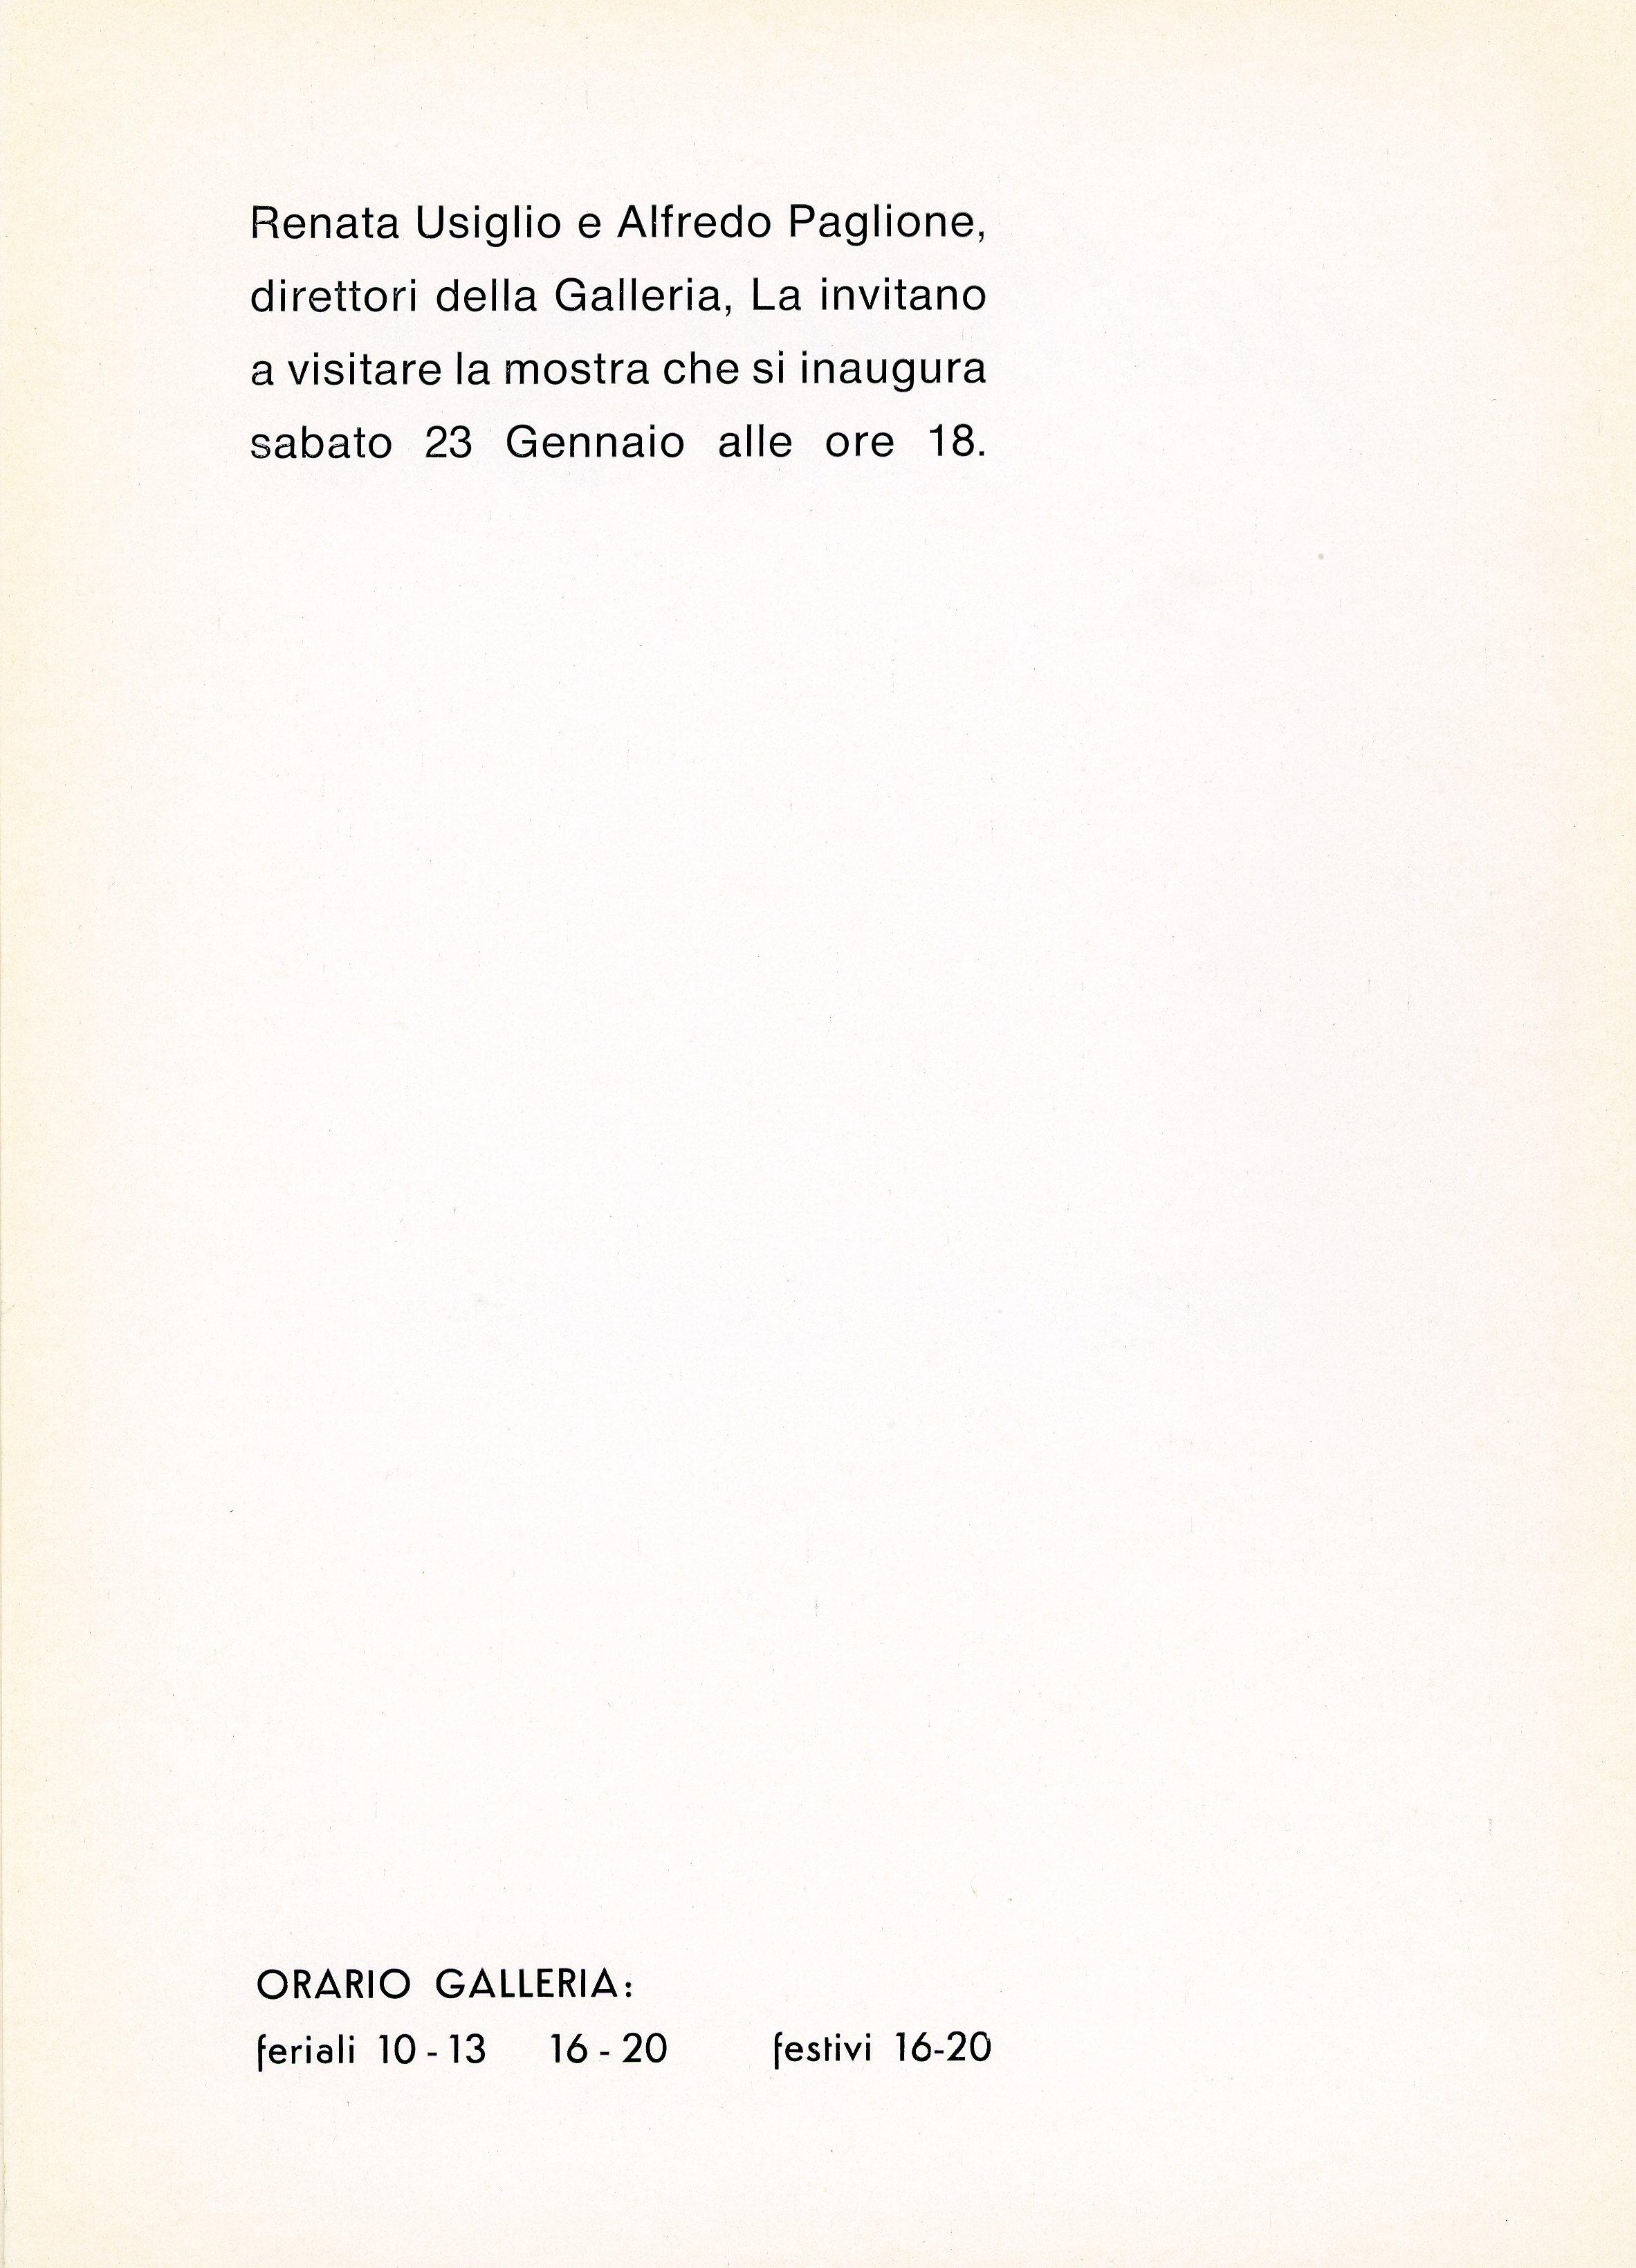 1965-01 Galleria 32 - Bruno Caruso_02.jpg